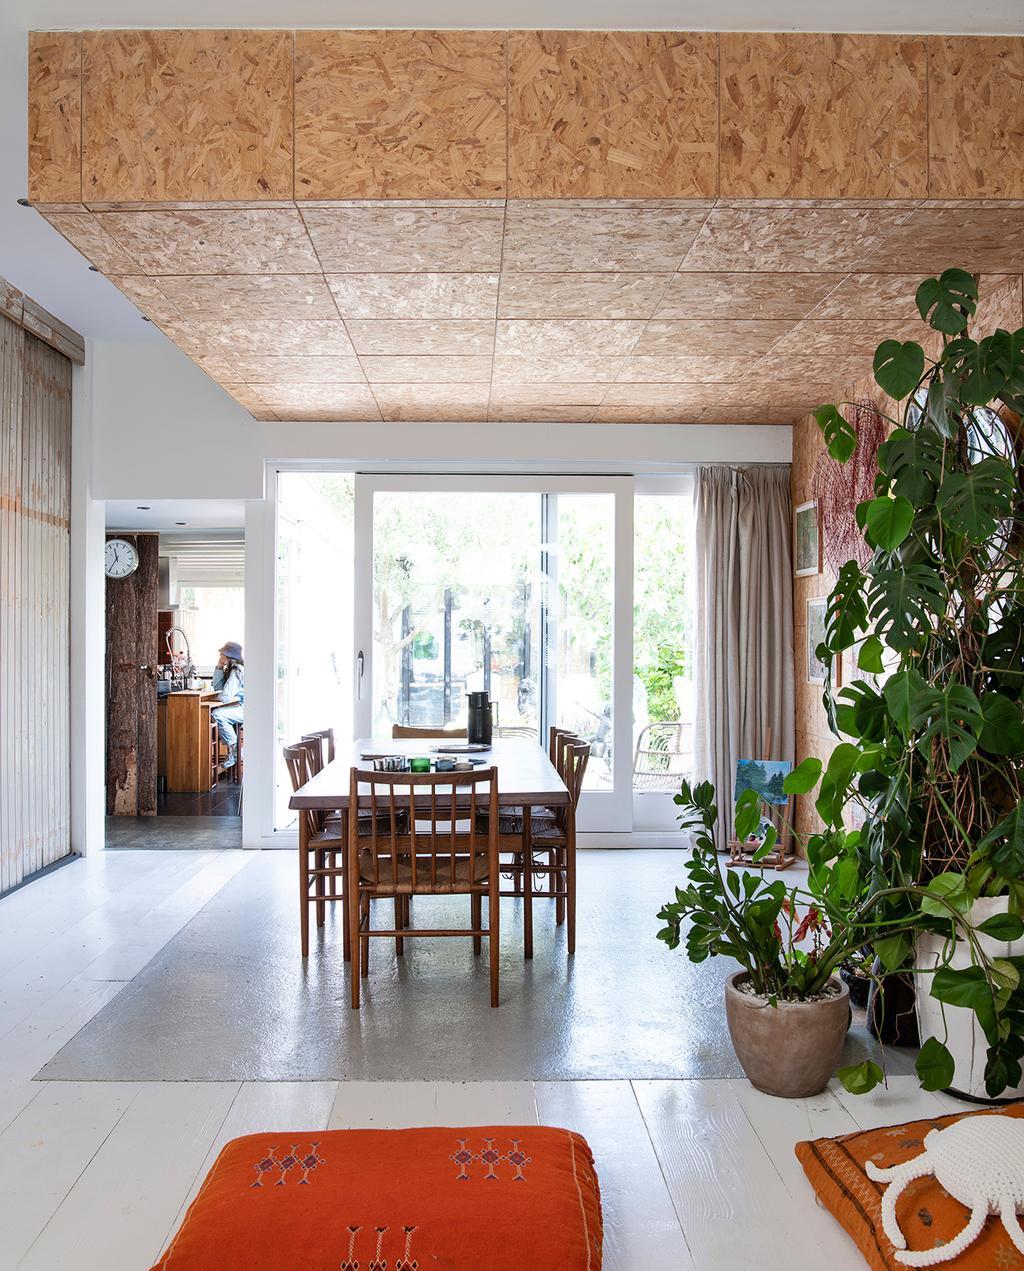 vtwonen 2020 DIY special 02 | eetkamer met hout plafond en planten I binnenkijken klushuis